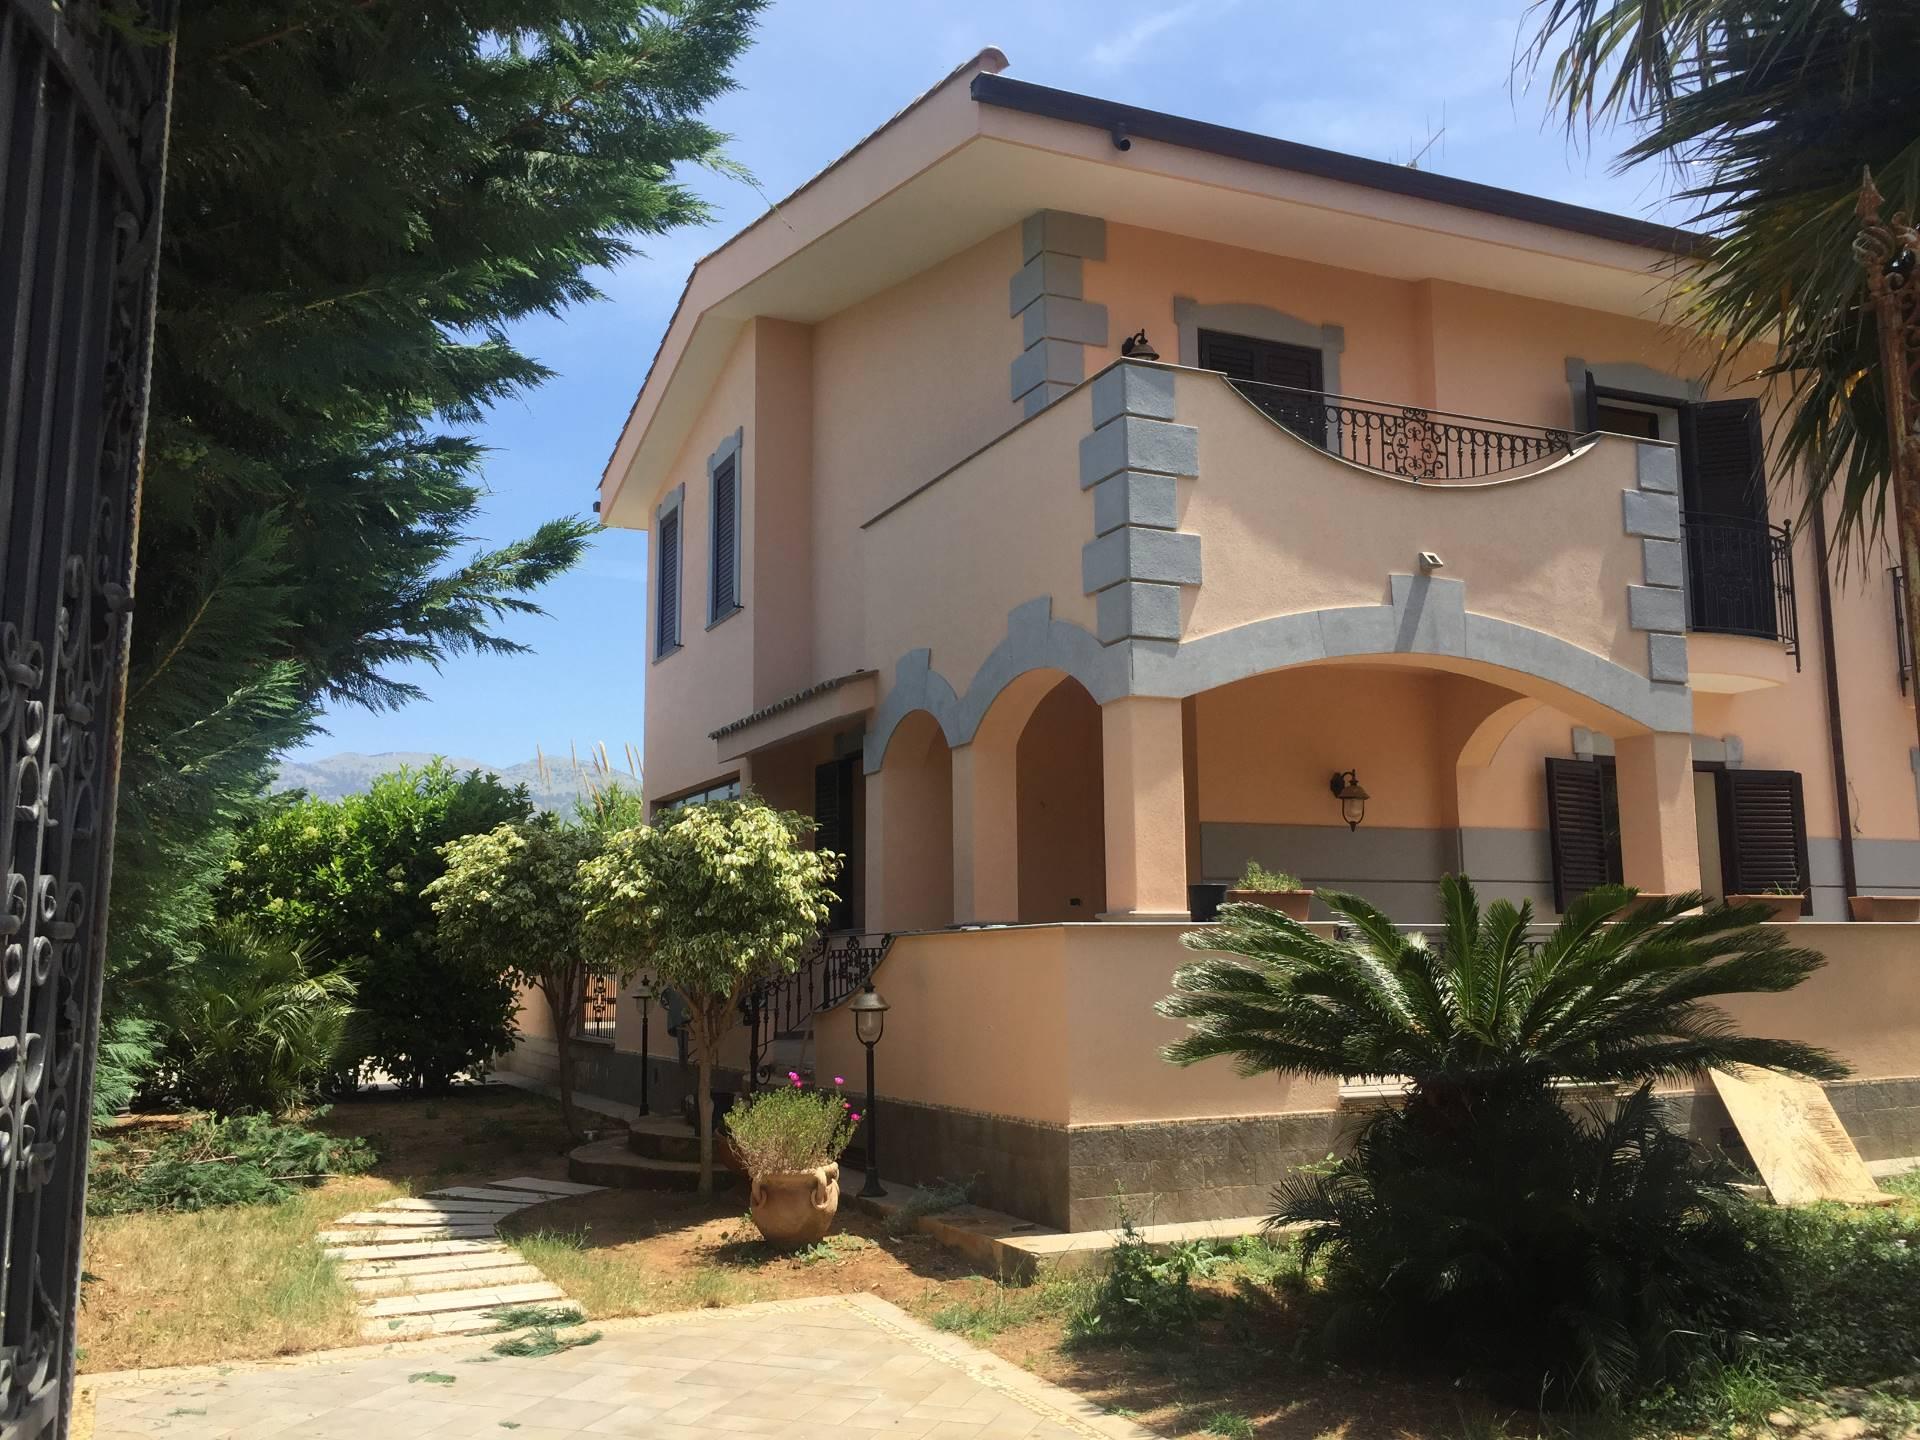 Villa in affitto a Carini, 5 locali, zona Località: J.Walker, prezzo € 900 | CambioCasa.it